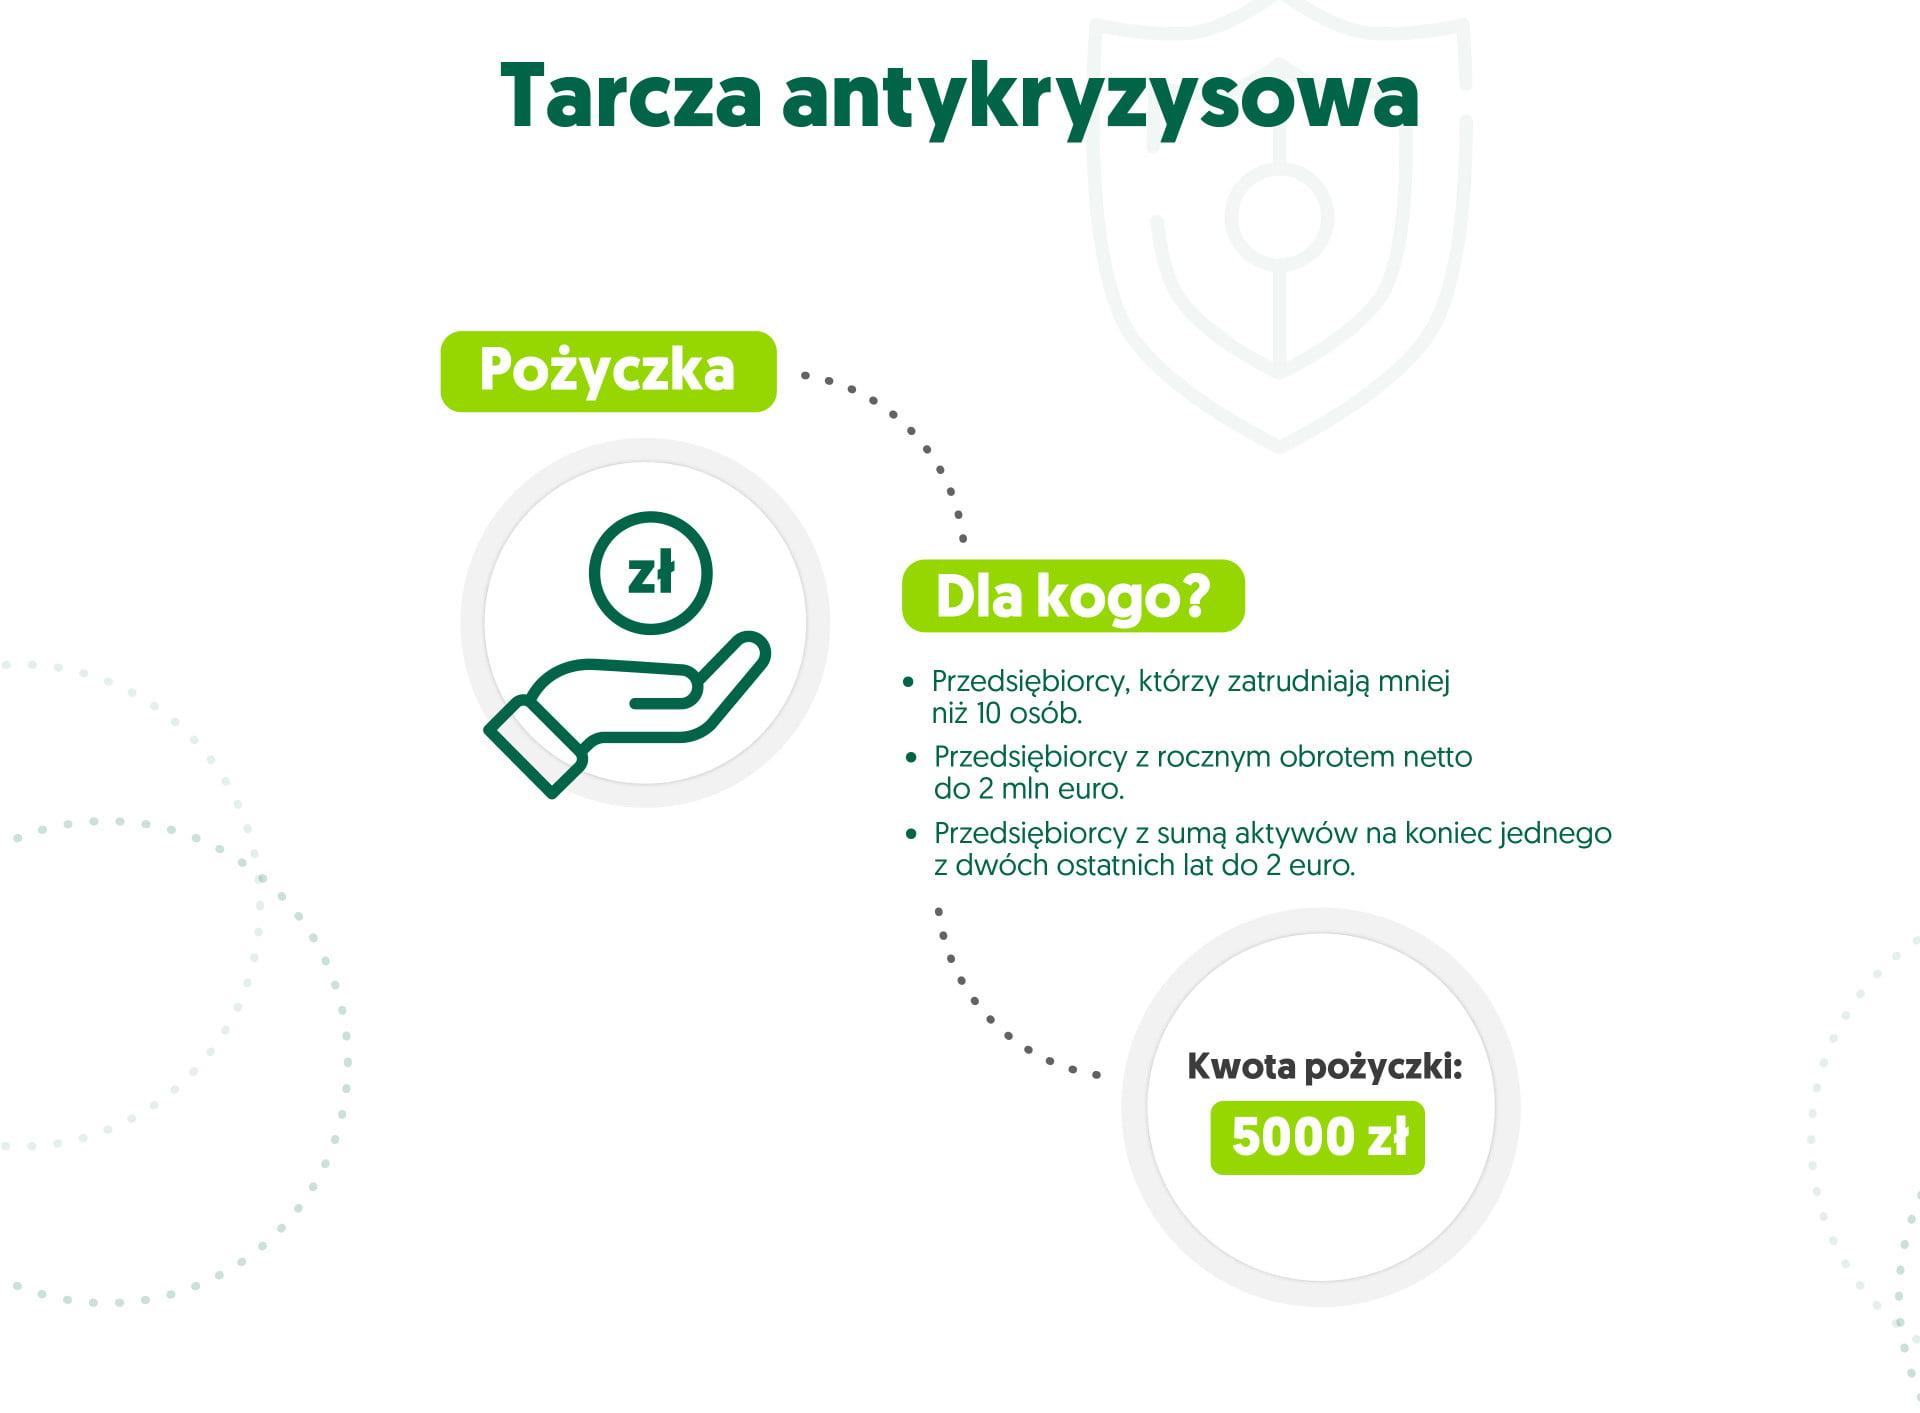 infografika tarcza antykryzysowa - pożyczka